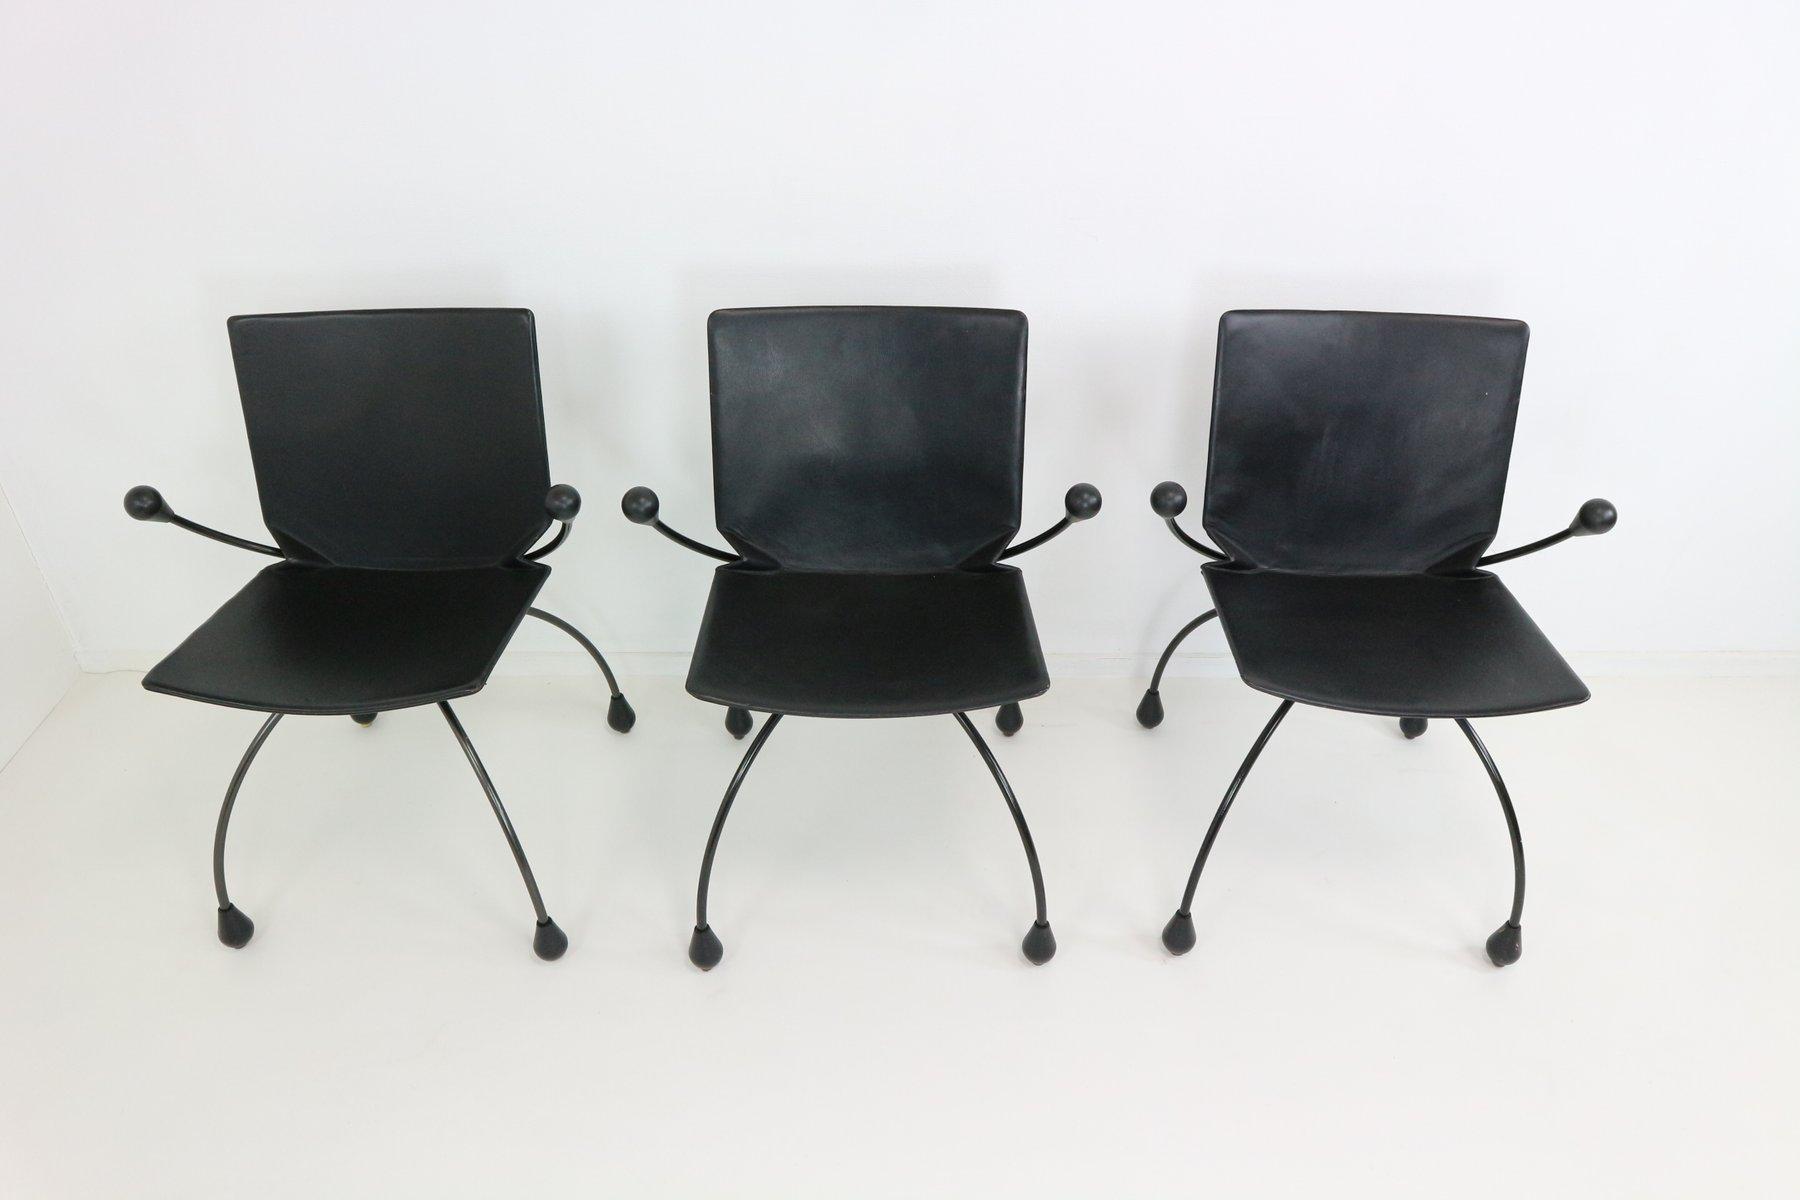 chaise de salle manger en cuir noir 1980s en vente sur pamono. Black Bedroom Furniture Sets. Home Design Ideas